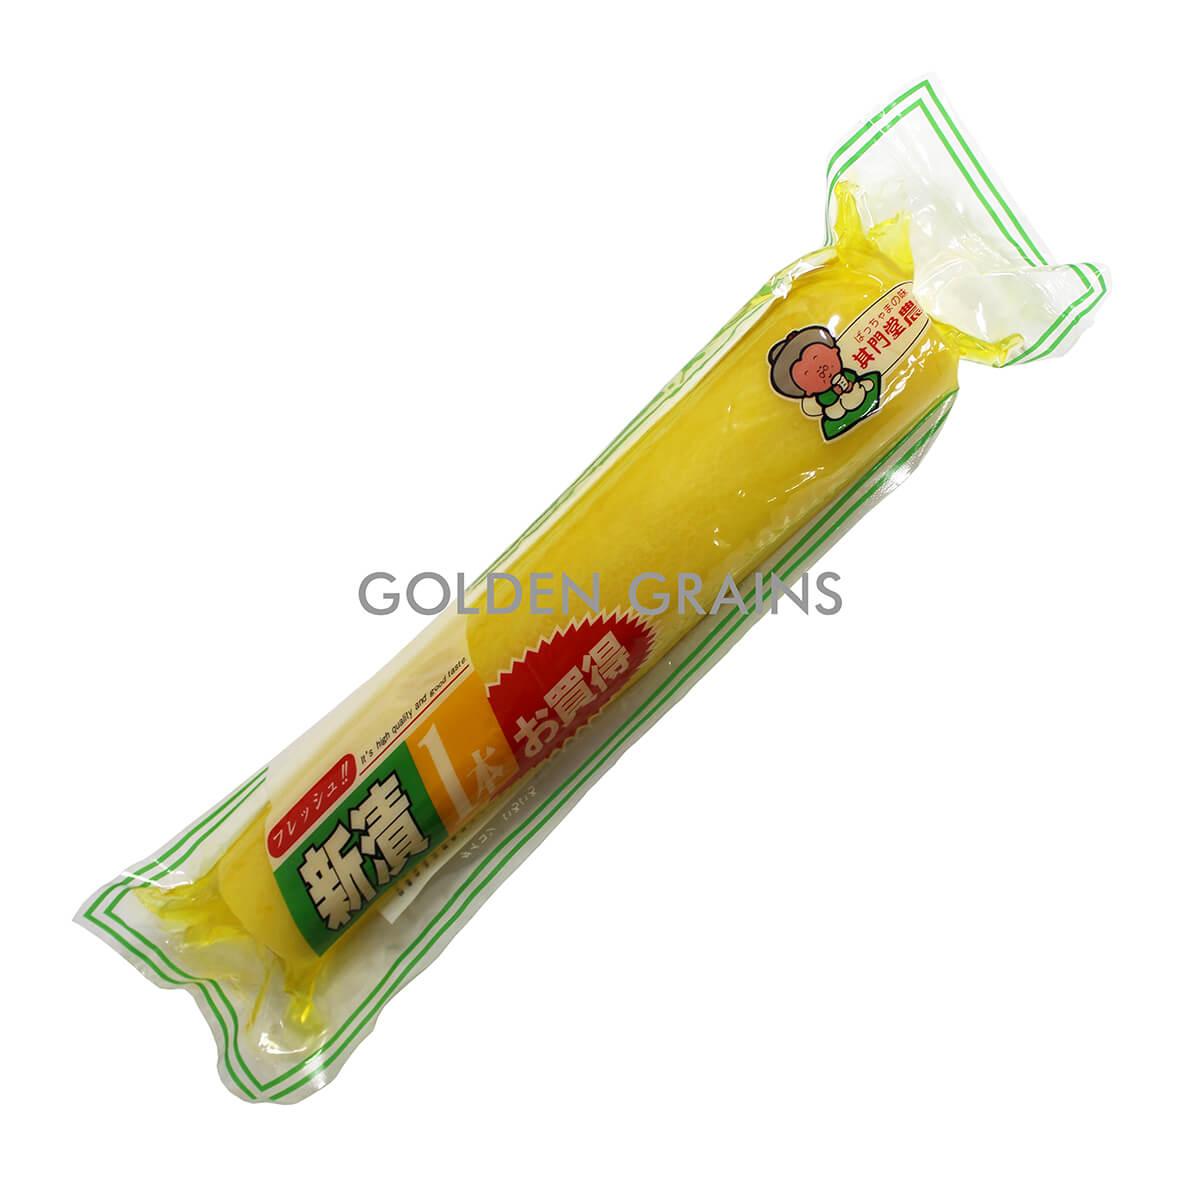 Golden Grains Dubai Export - Pickled Raddish - Front.jpg